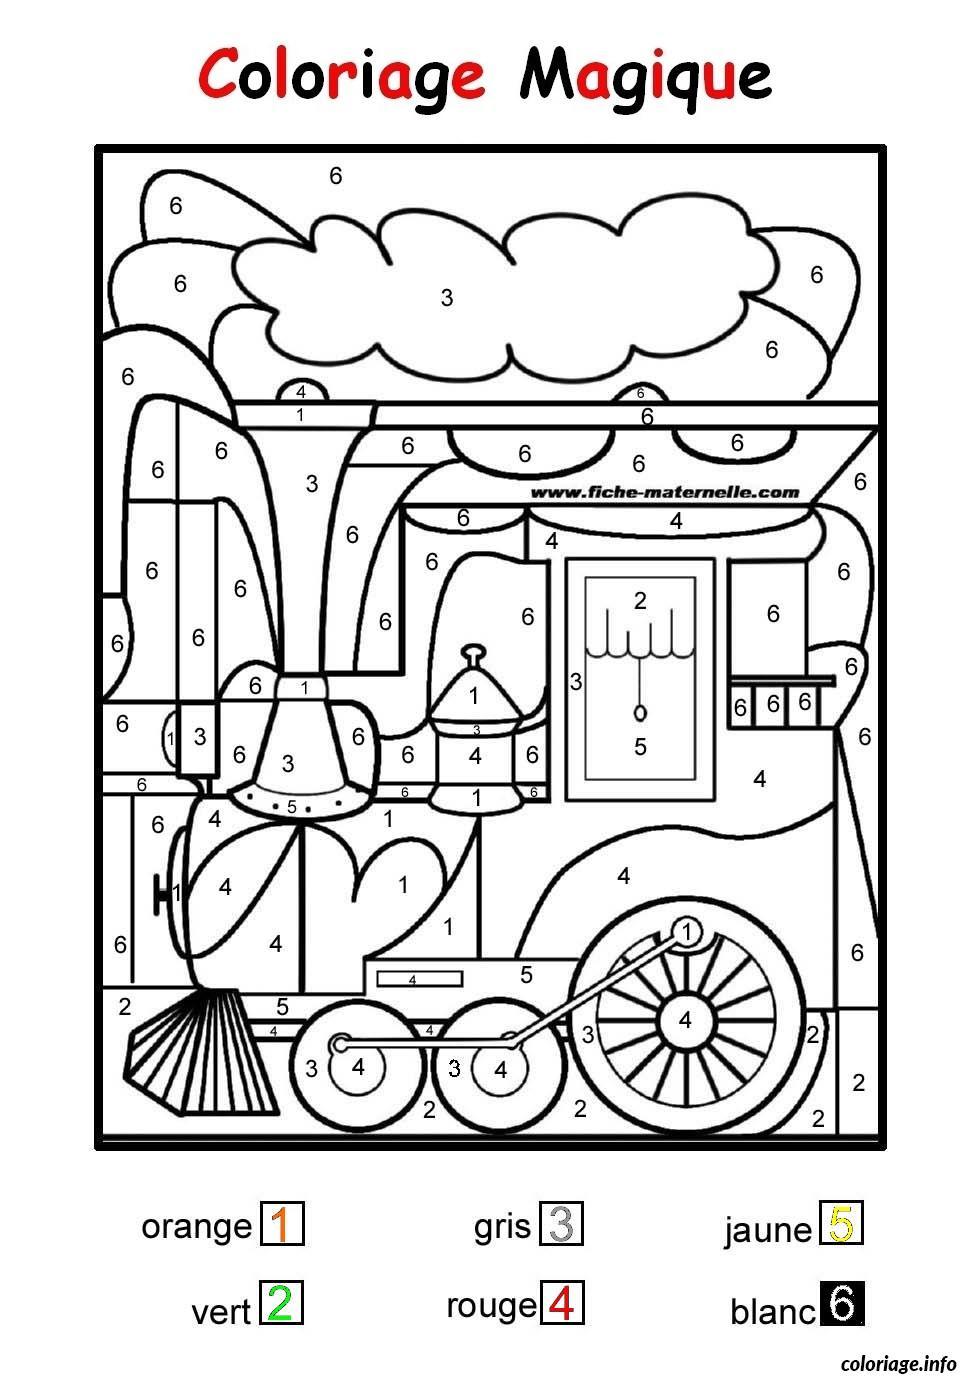 Coloriage Magique Train Facile Maternelle Dessin encequiconcerne Coloriage Numéroté Maternelle